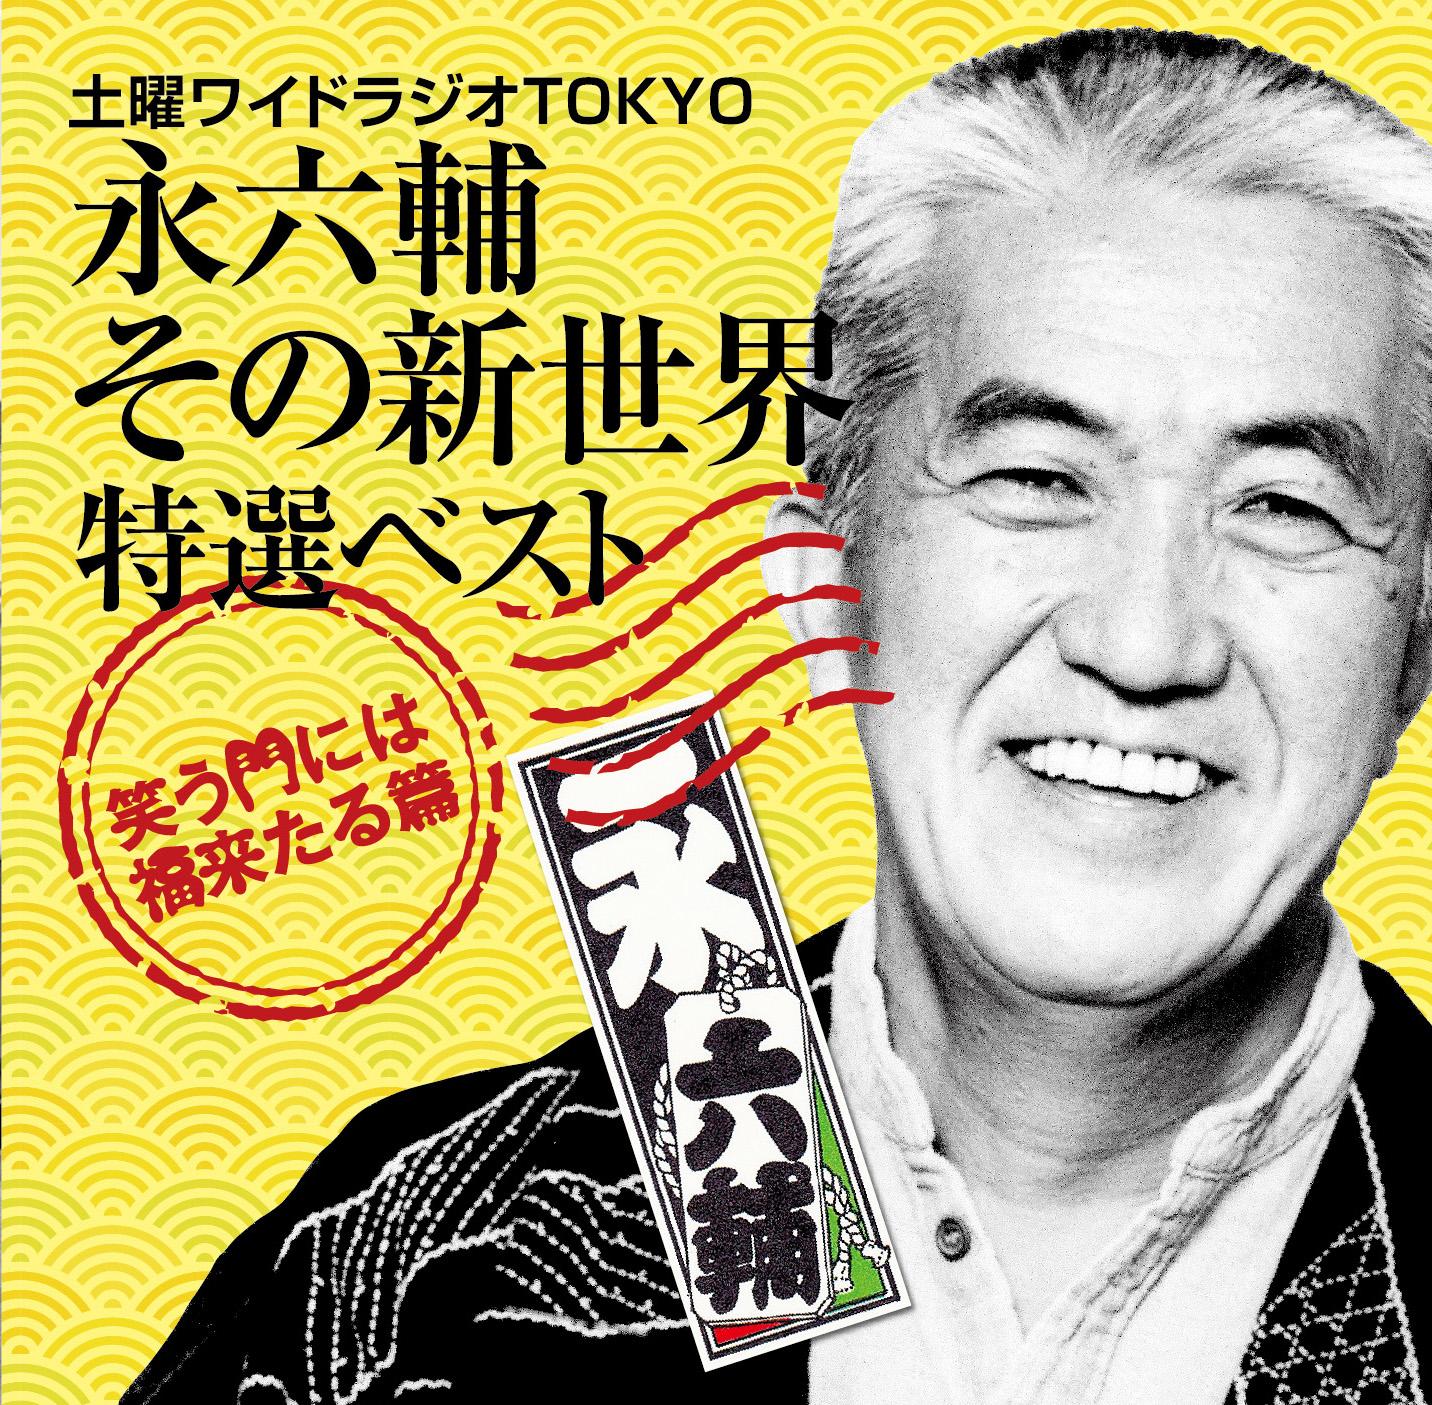 土曜ワイドラジオTOKYO 永六輔その新世界特選ベストCD